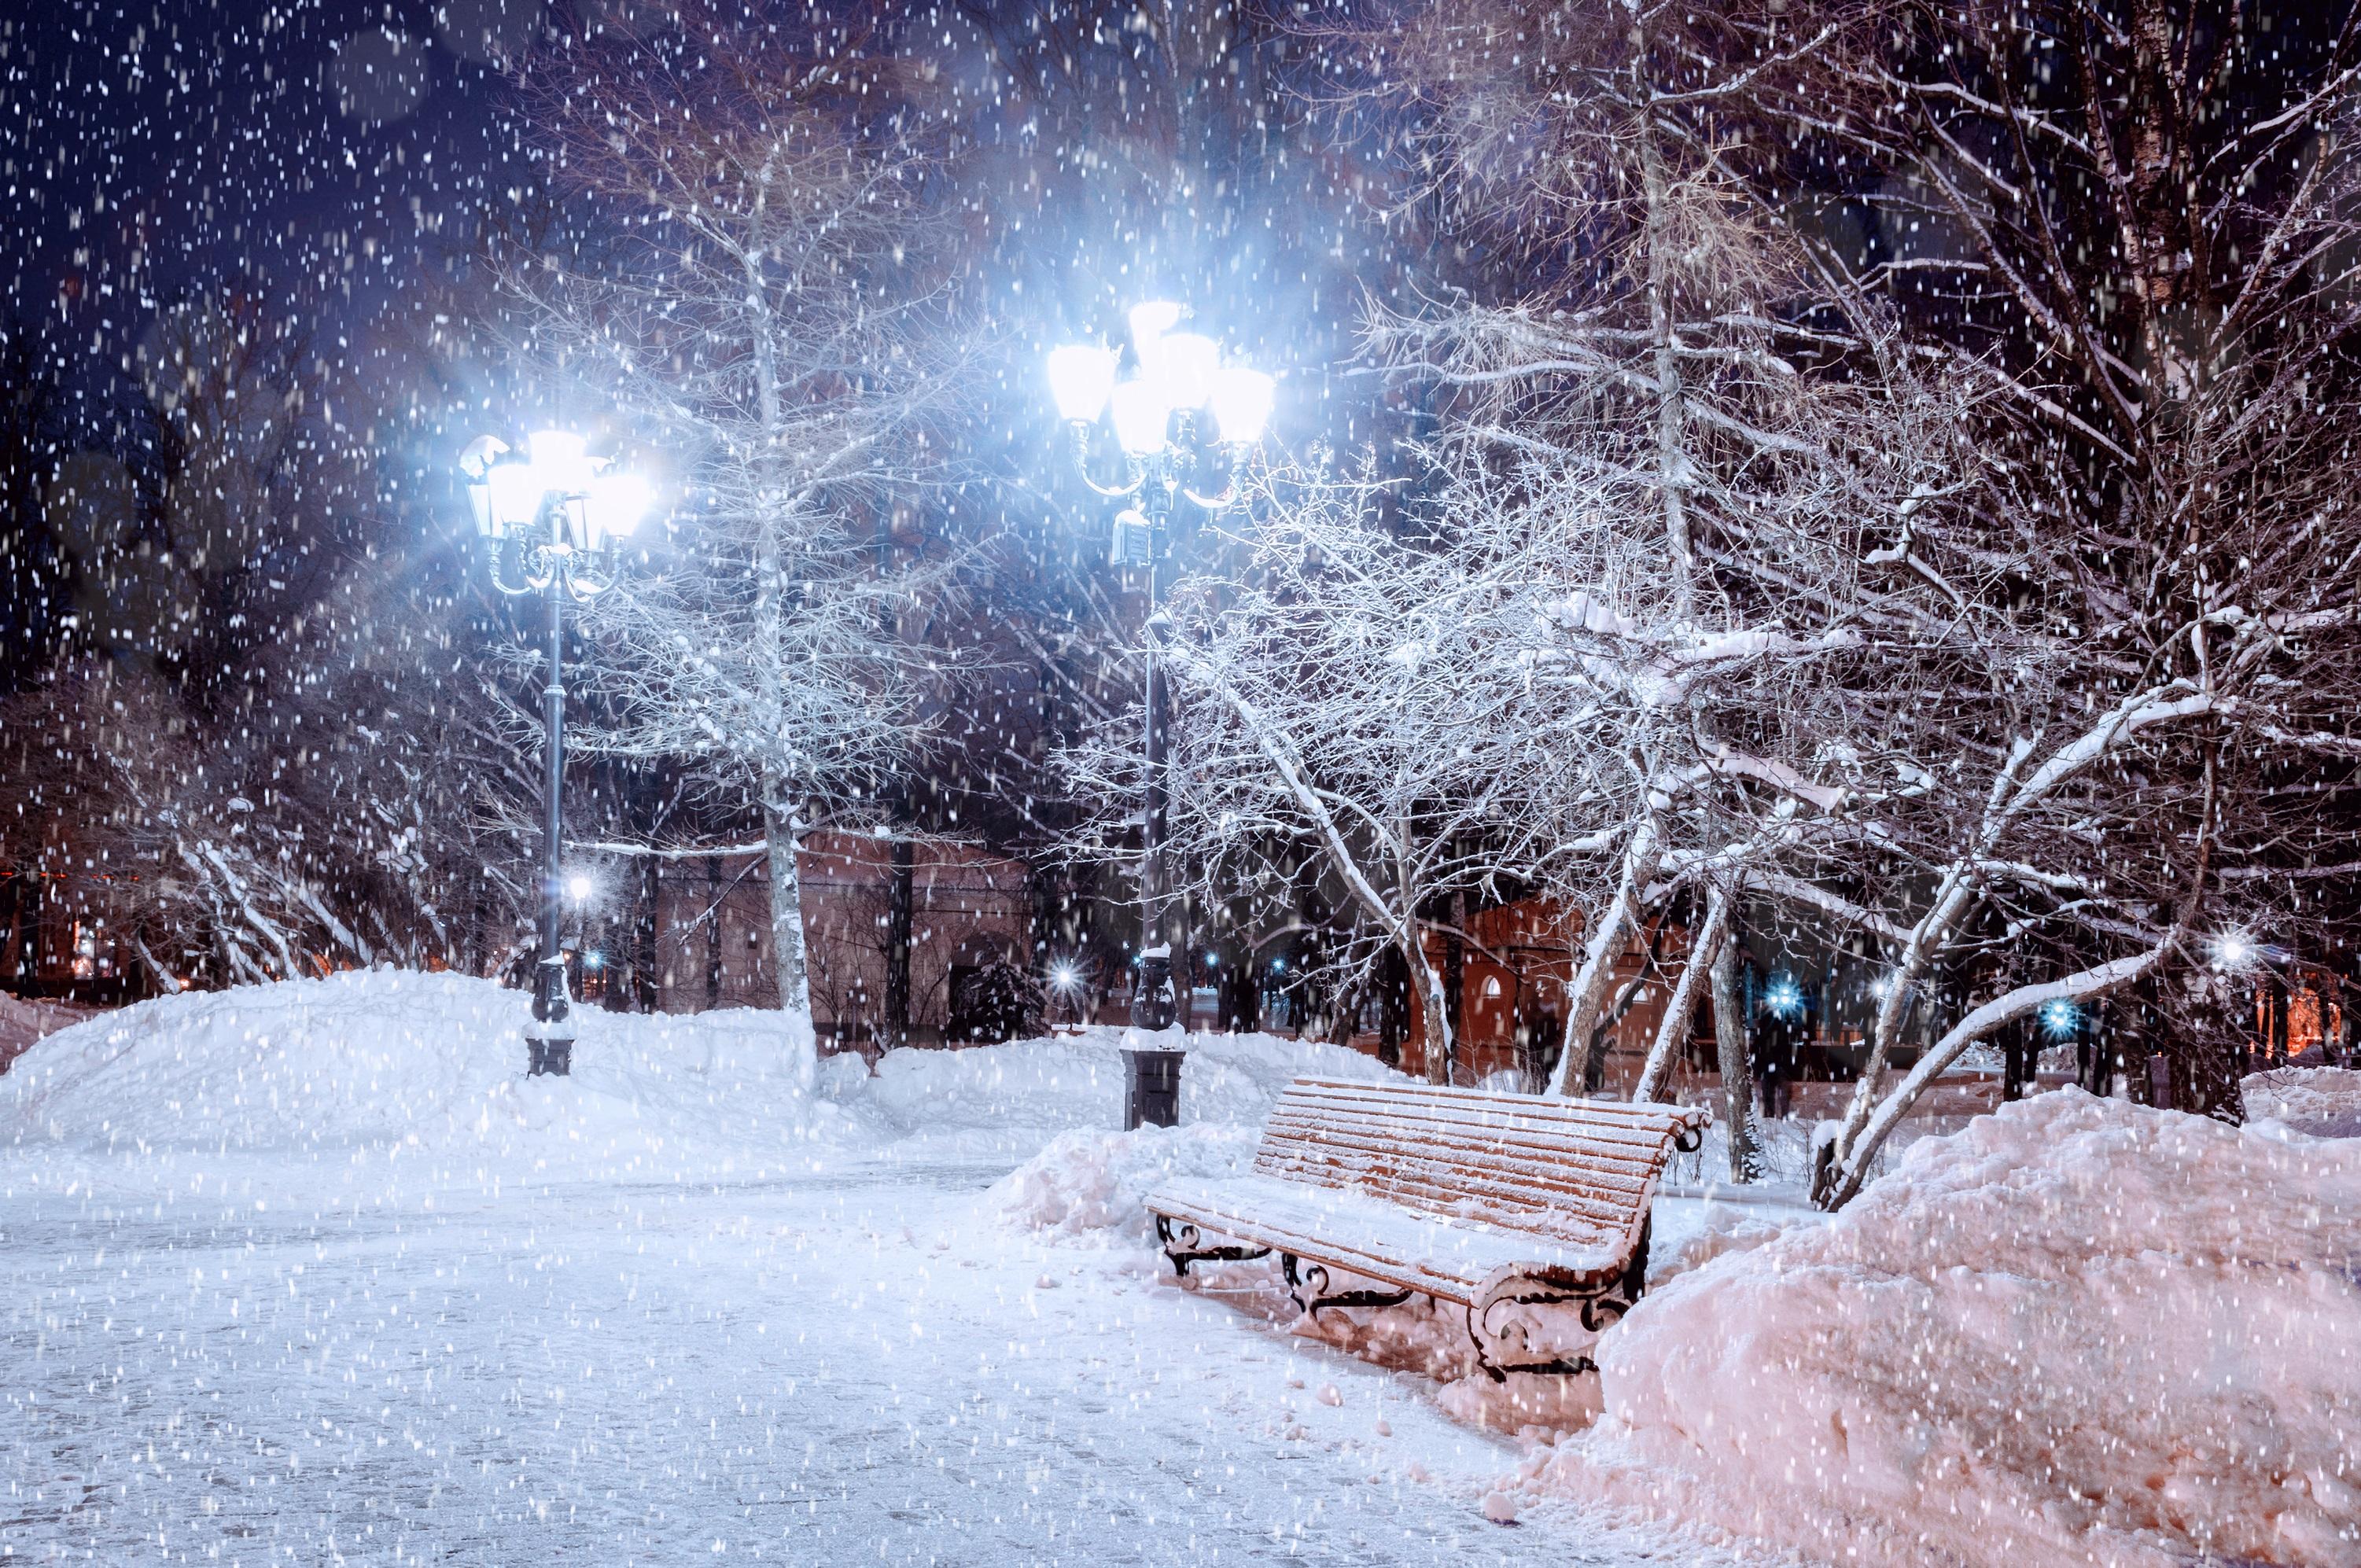 Декември е първият зимен месец, но освен сняг и студено време, той ни носи и много красота. Кара ни да оценим топлината и уюта на семейното огнище.